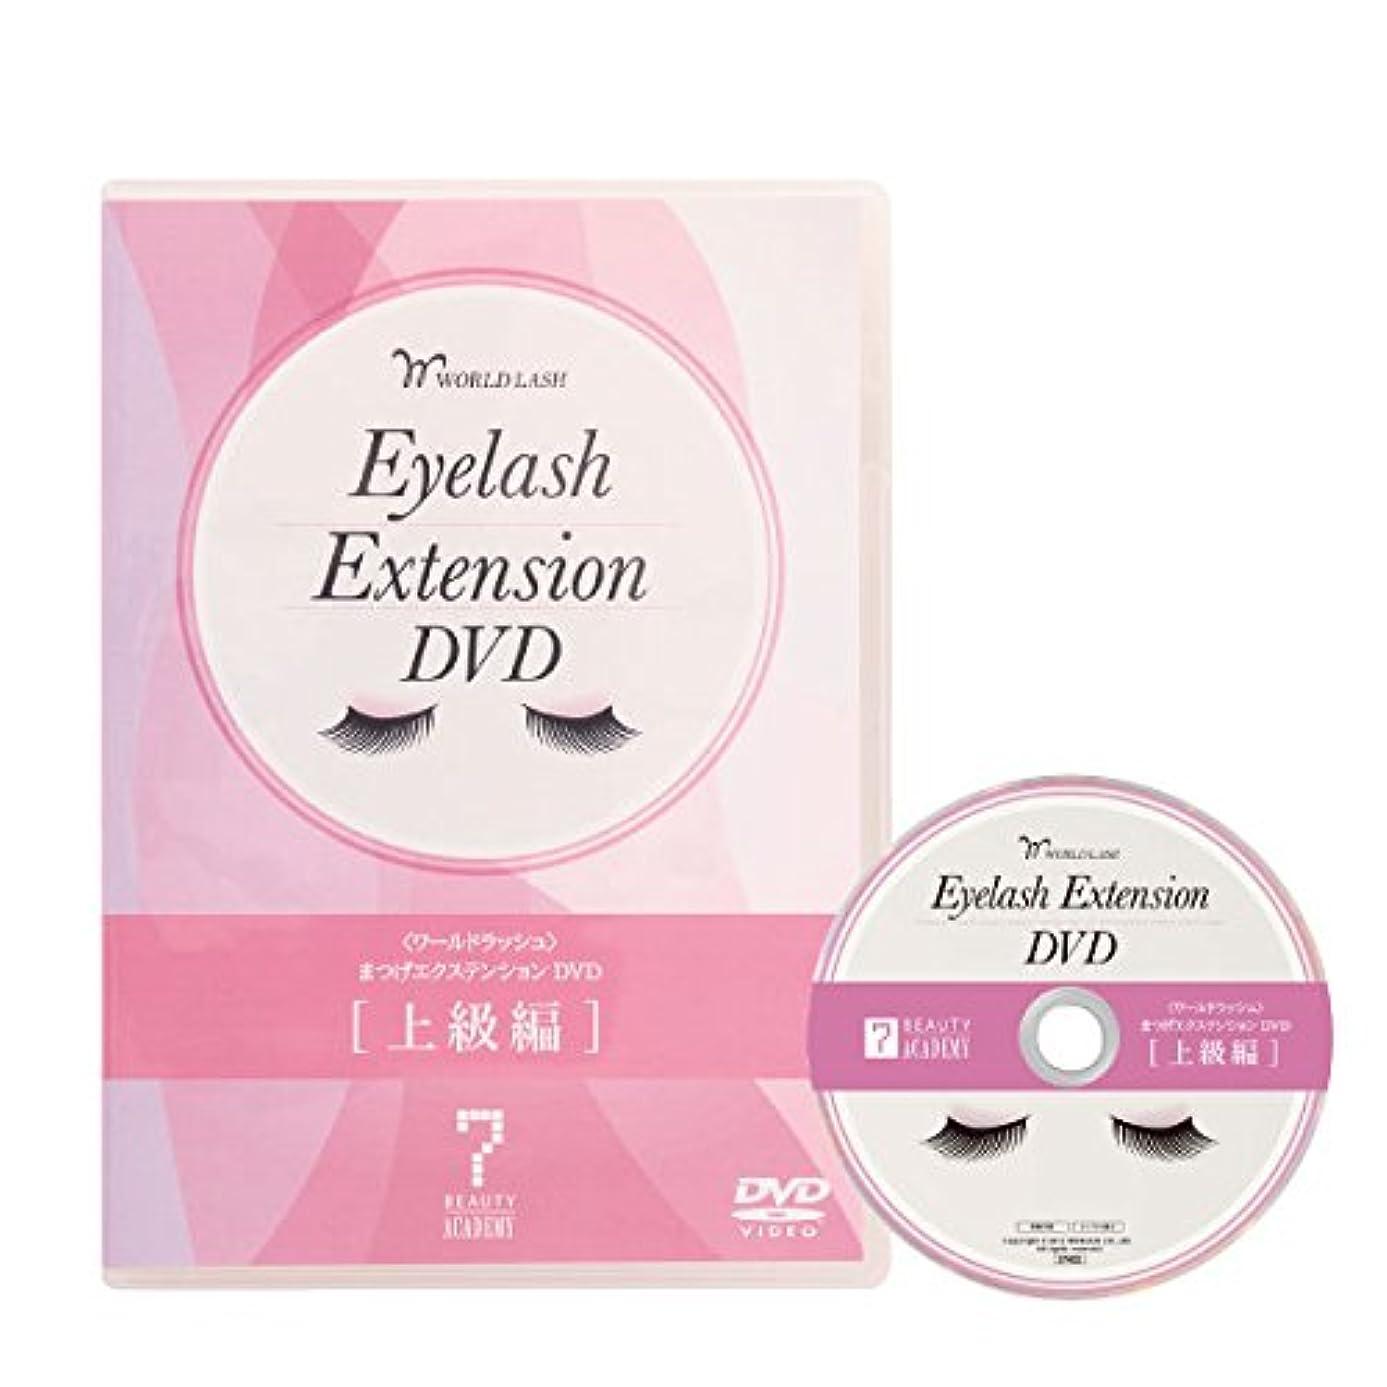 ダンスこする複数< WORLD LASH > まつげエクステンション DVD (上級編) [ 教材 テキスト DVD まつげエクステ まつ毛エクステ まつエク マツエク サロン用 ]